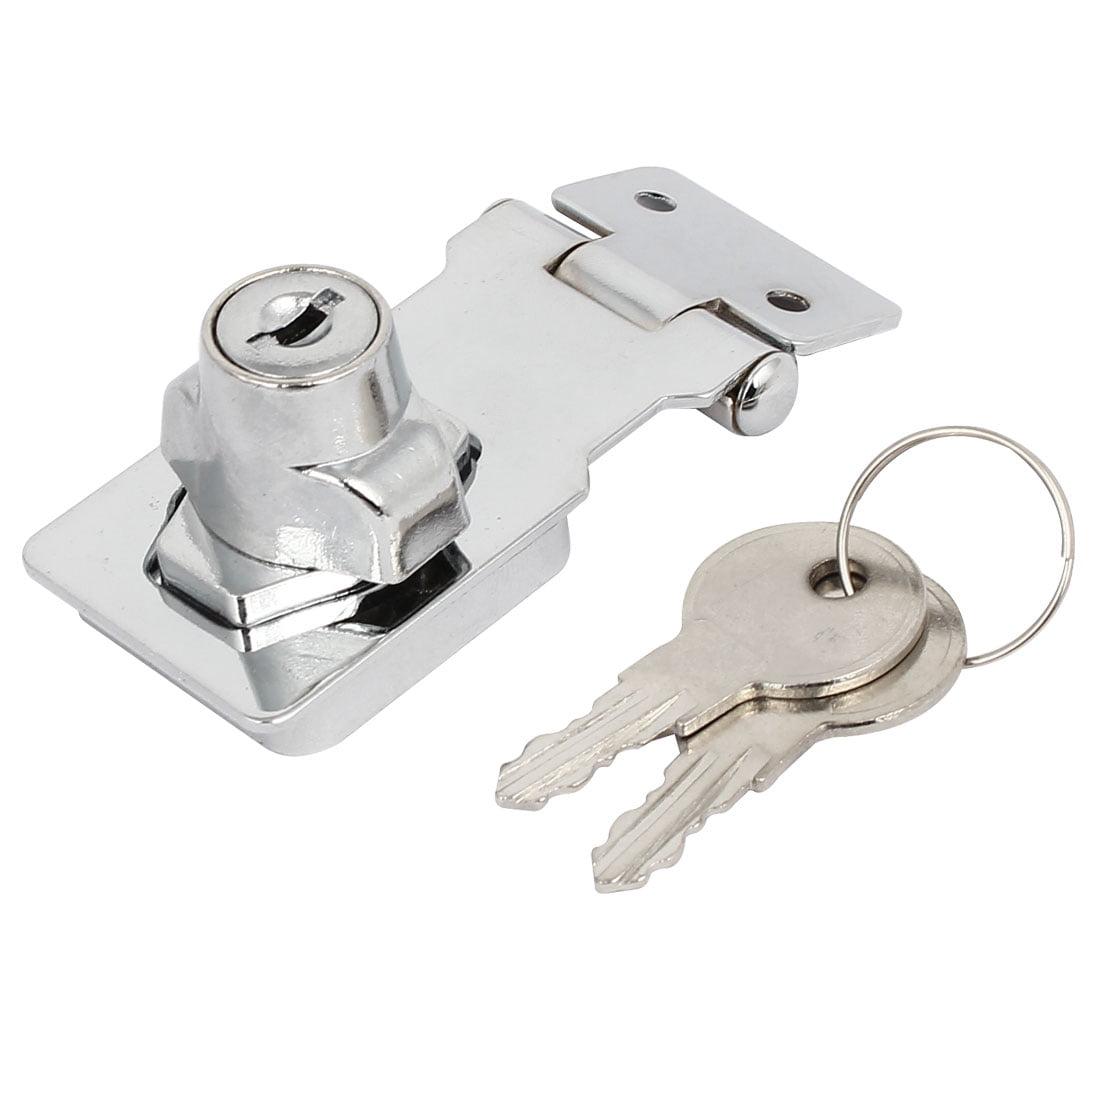 80mmx32mmx30mm Metal Screw Fixing  Guard Keyed Hasp Latch Lock